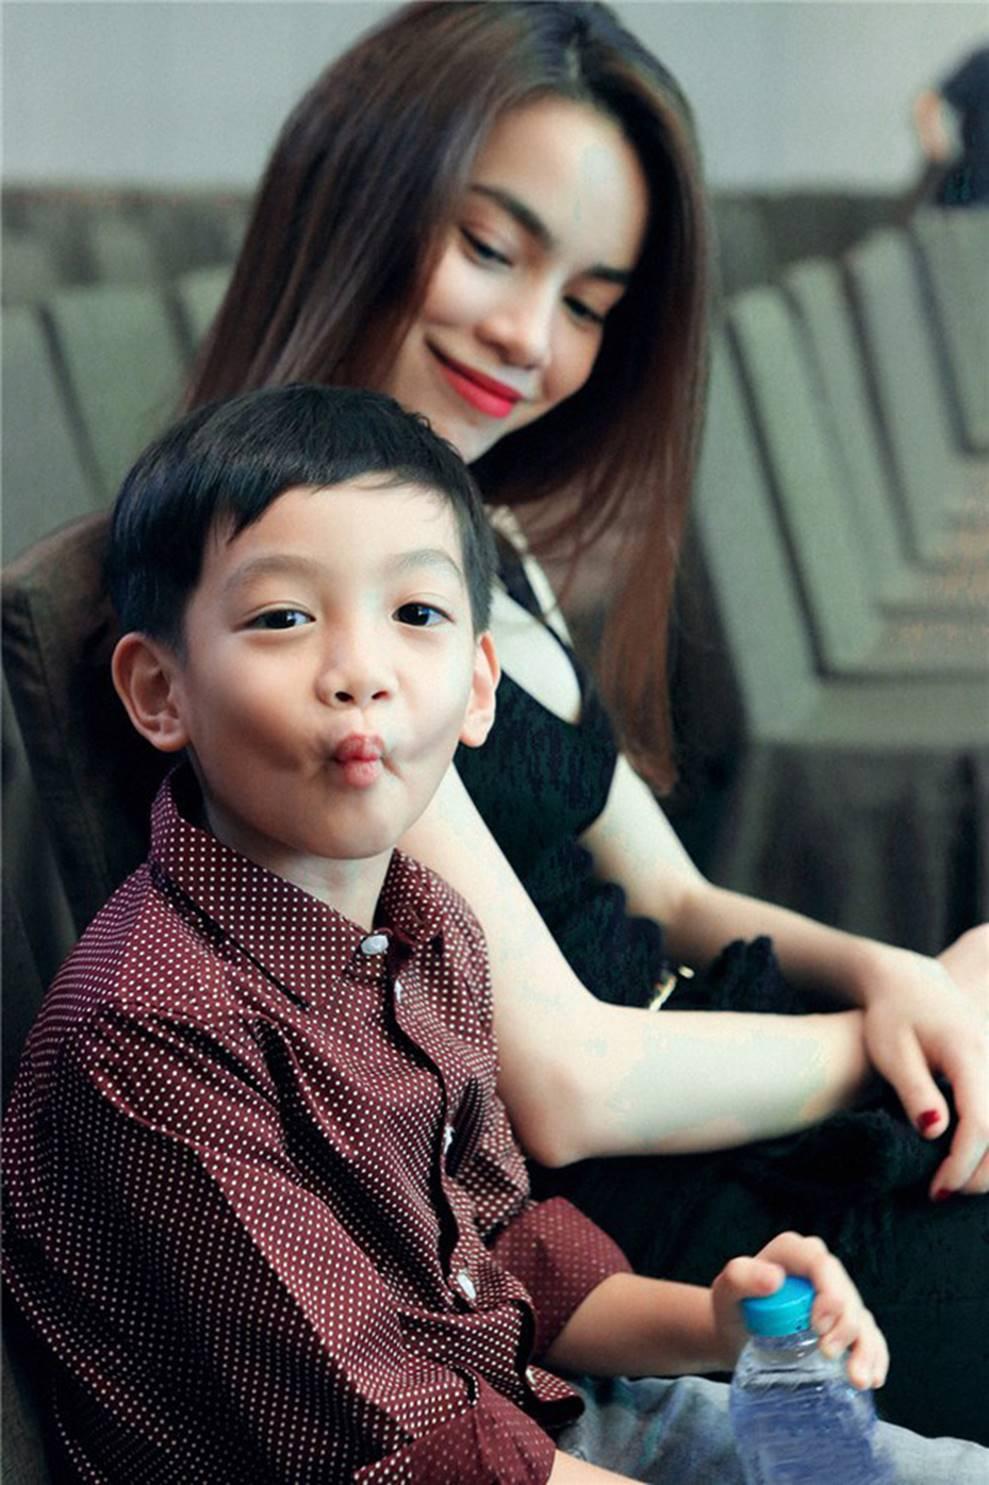 Cuộc sống sung sướng của các nhóc tỳ sao Việt: Đứa học trường Quốc tế học phí hàng trăm triệu, đứa từ bé đã thạo 6 thứ tiếng-2